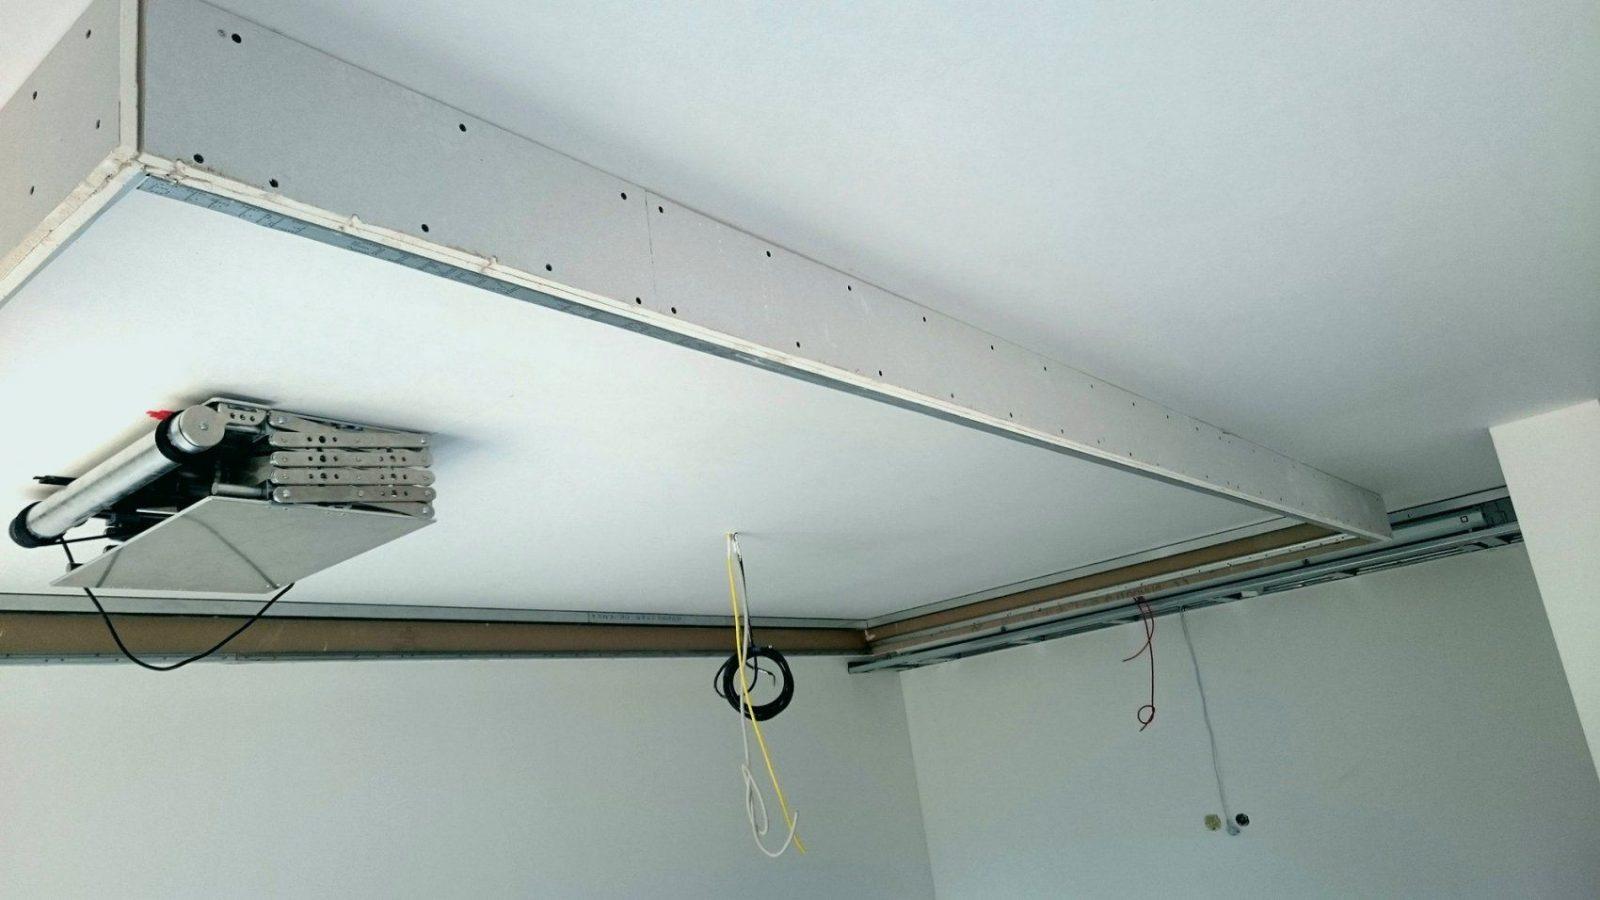 Indirekte Beleuchtung Led Selber Bauen Inspirational Abgehängte von Indirekte Beleuchtung Led Selber Bauen Photo